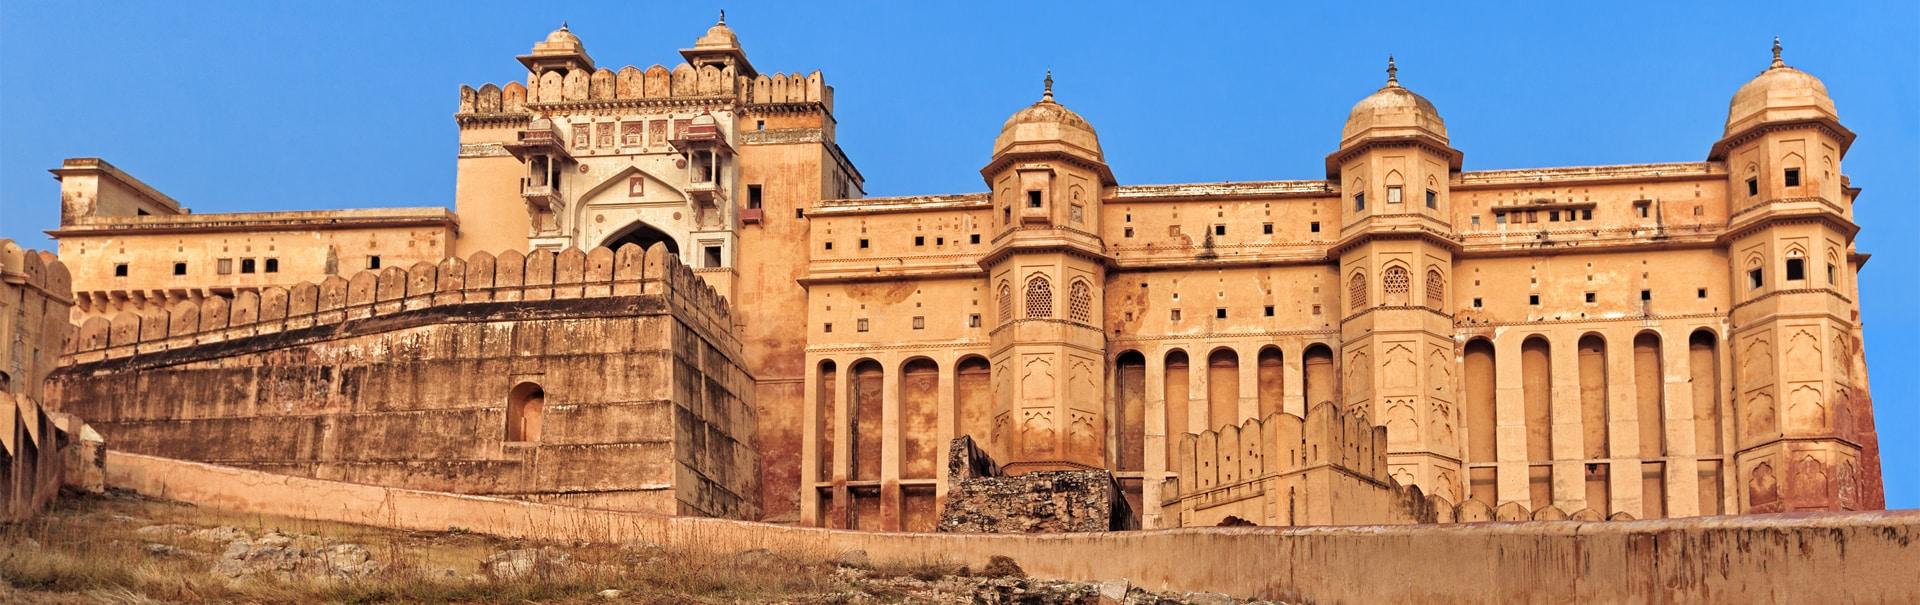 Udaipur Kumbhalgarh Ranthambore Jaipur (RJSK) Banner